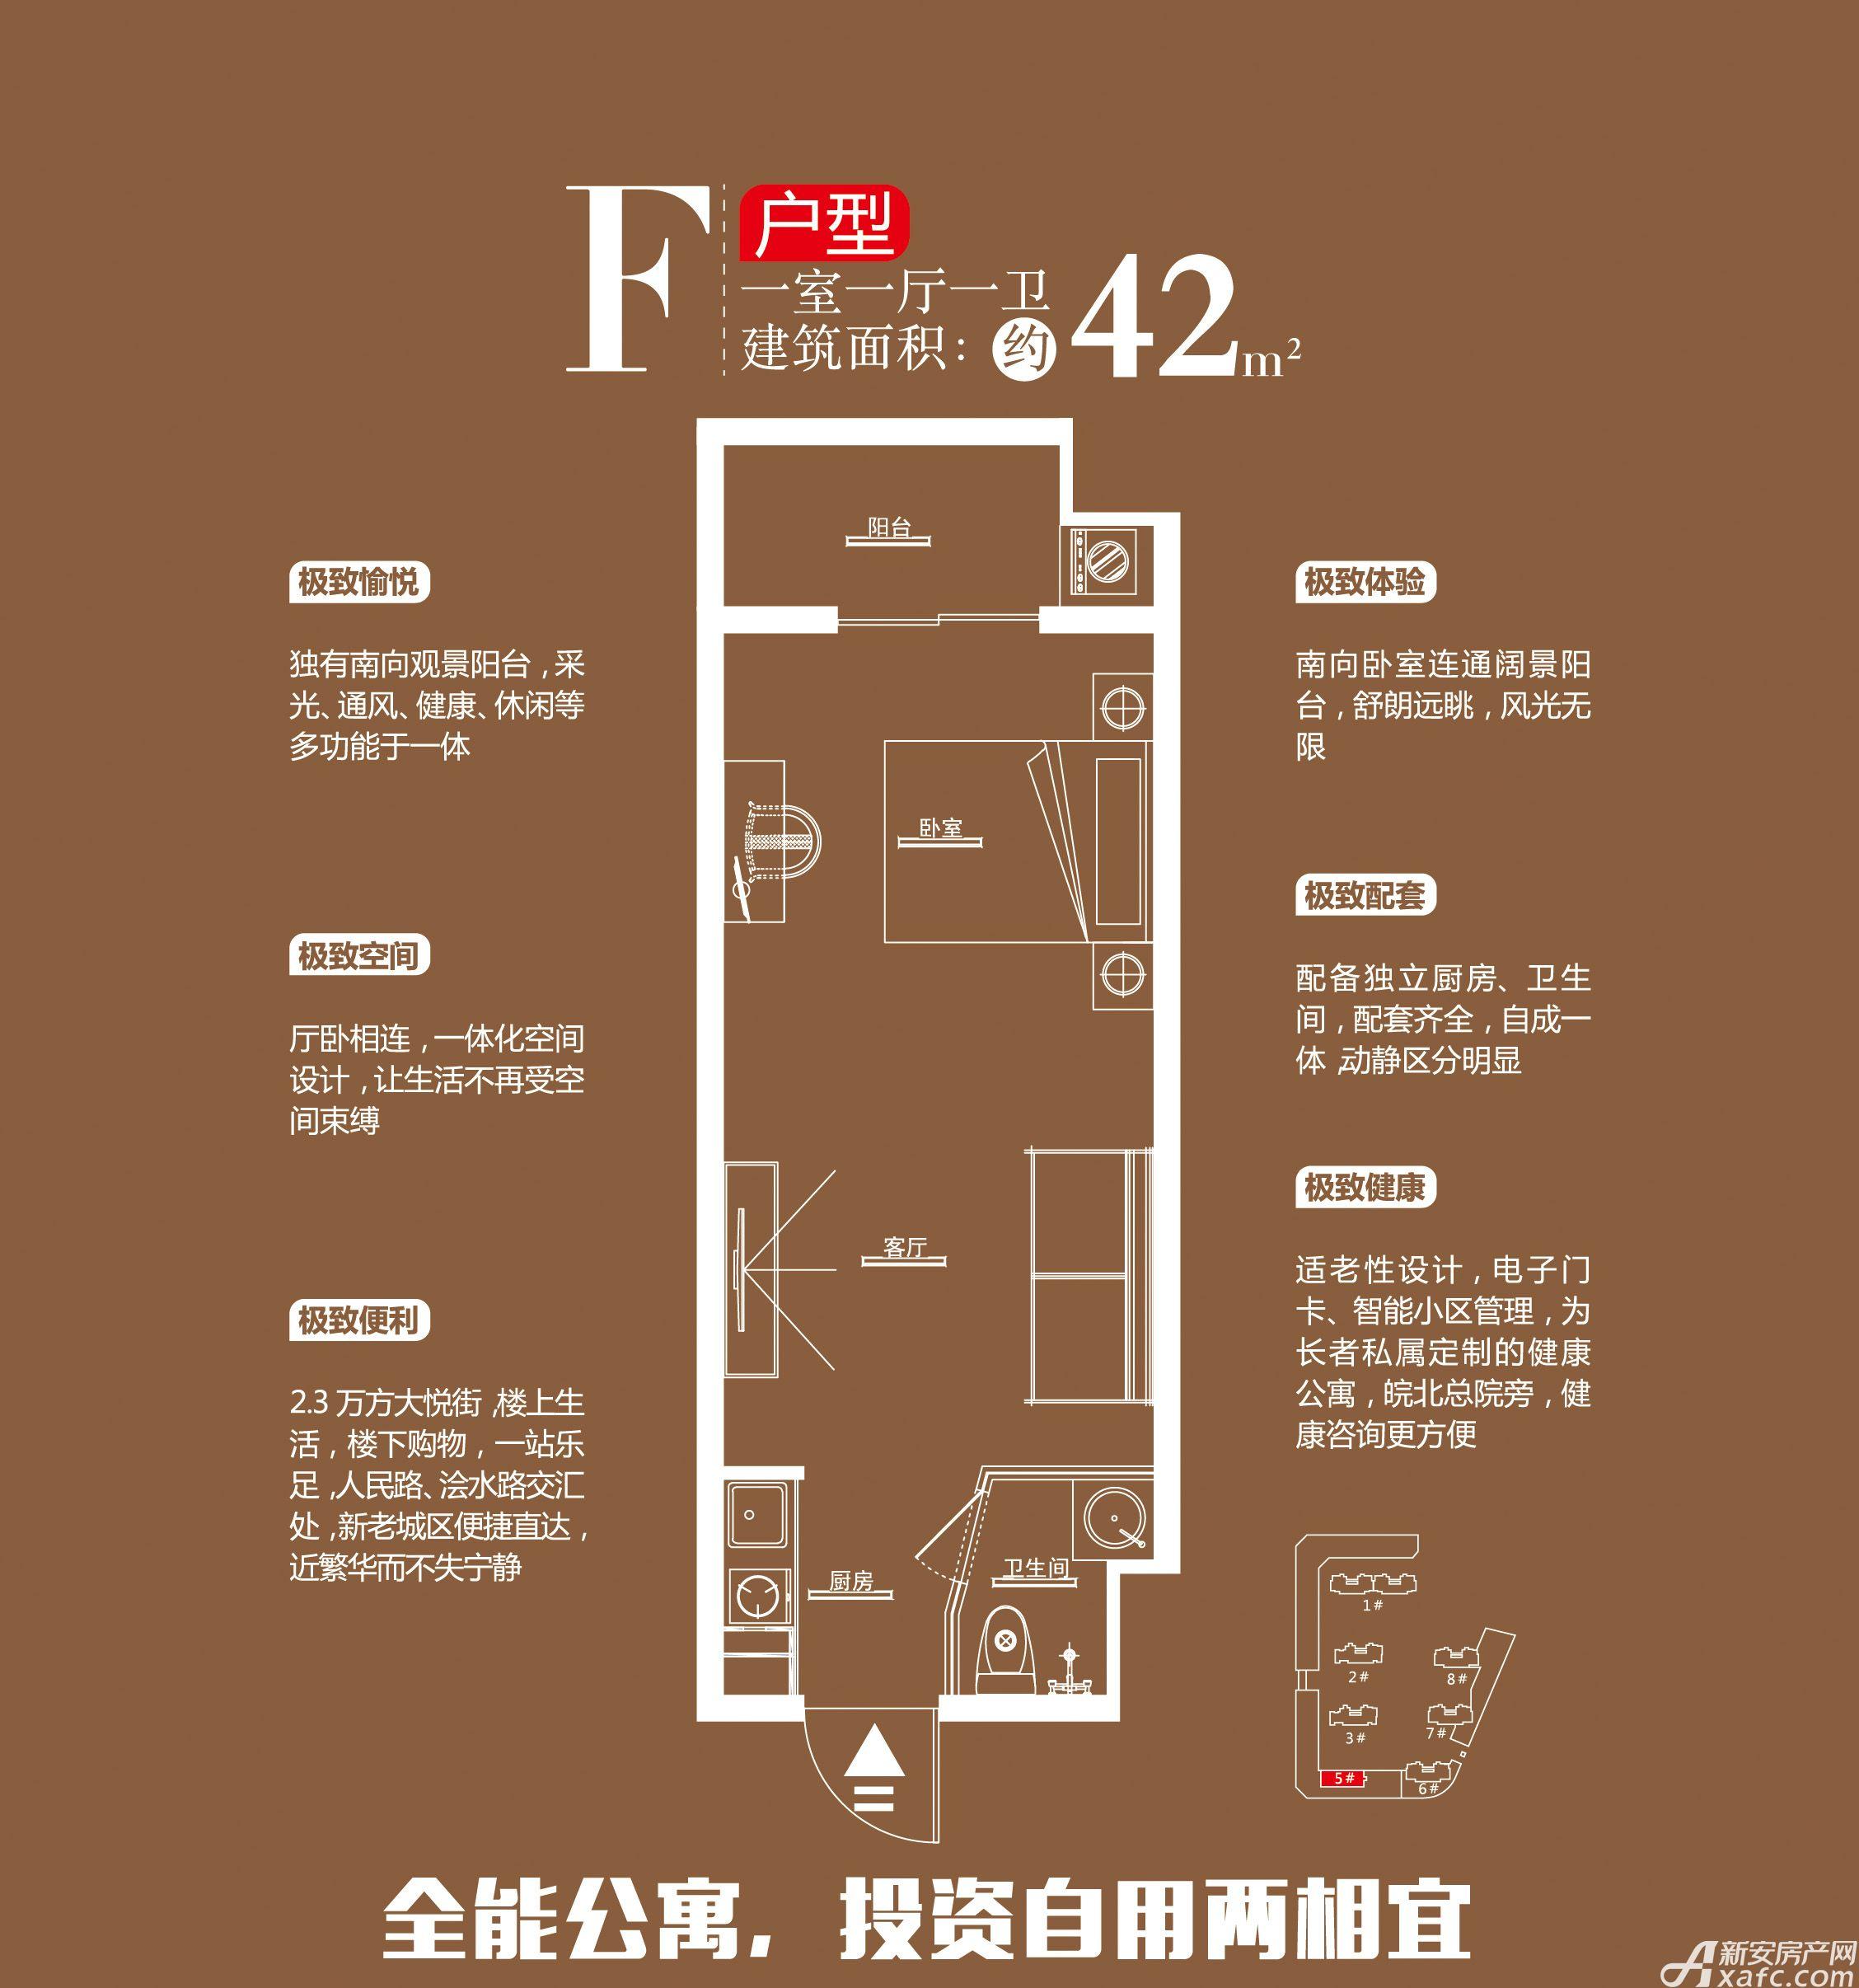 锦润悦府F1室1厅42平米